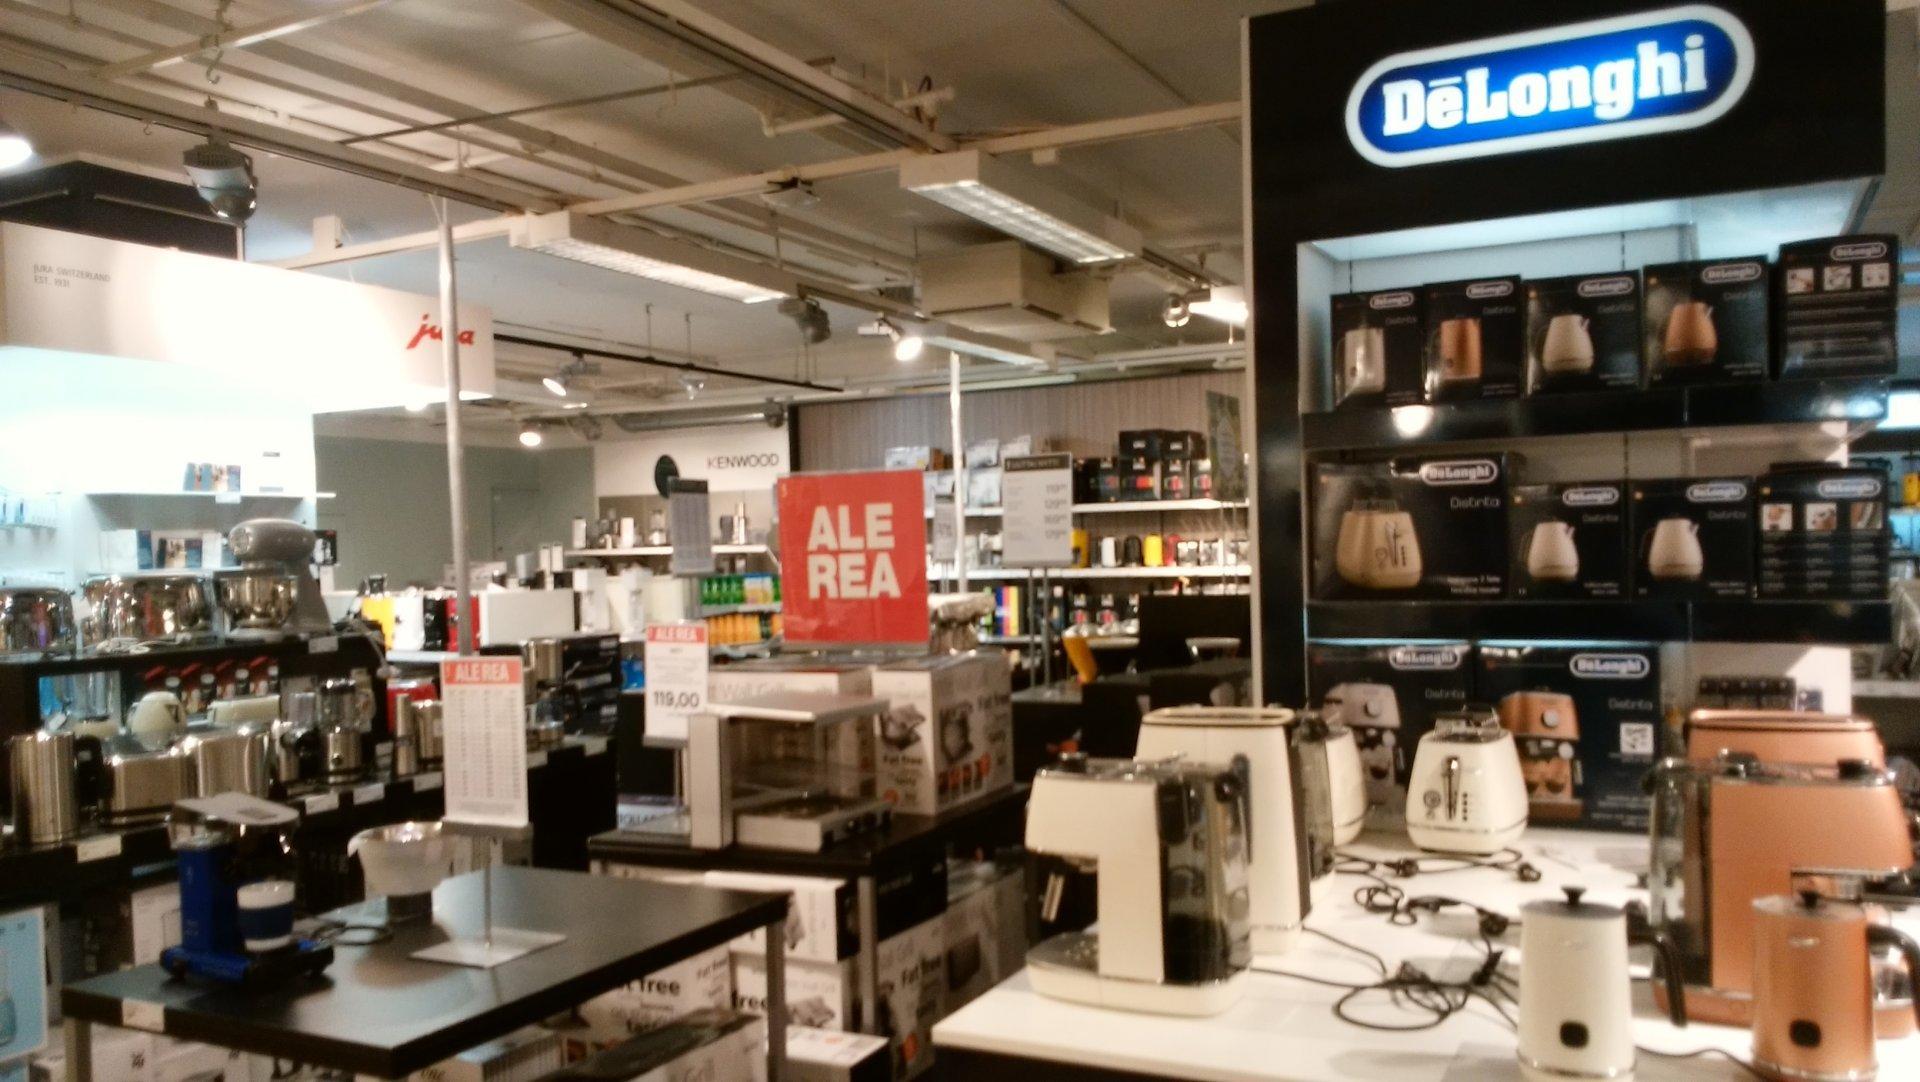 北欧最大級のデパート「ストックマン」の家電売り場。「ALE(セール)」を掲げて大安売りをしている